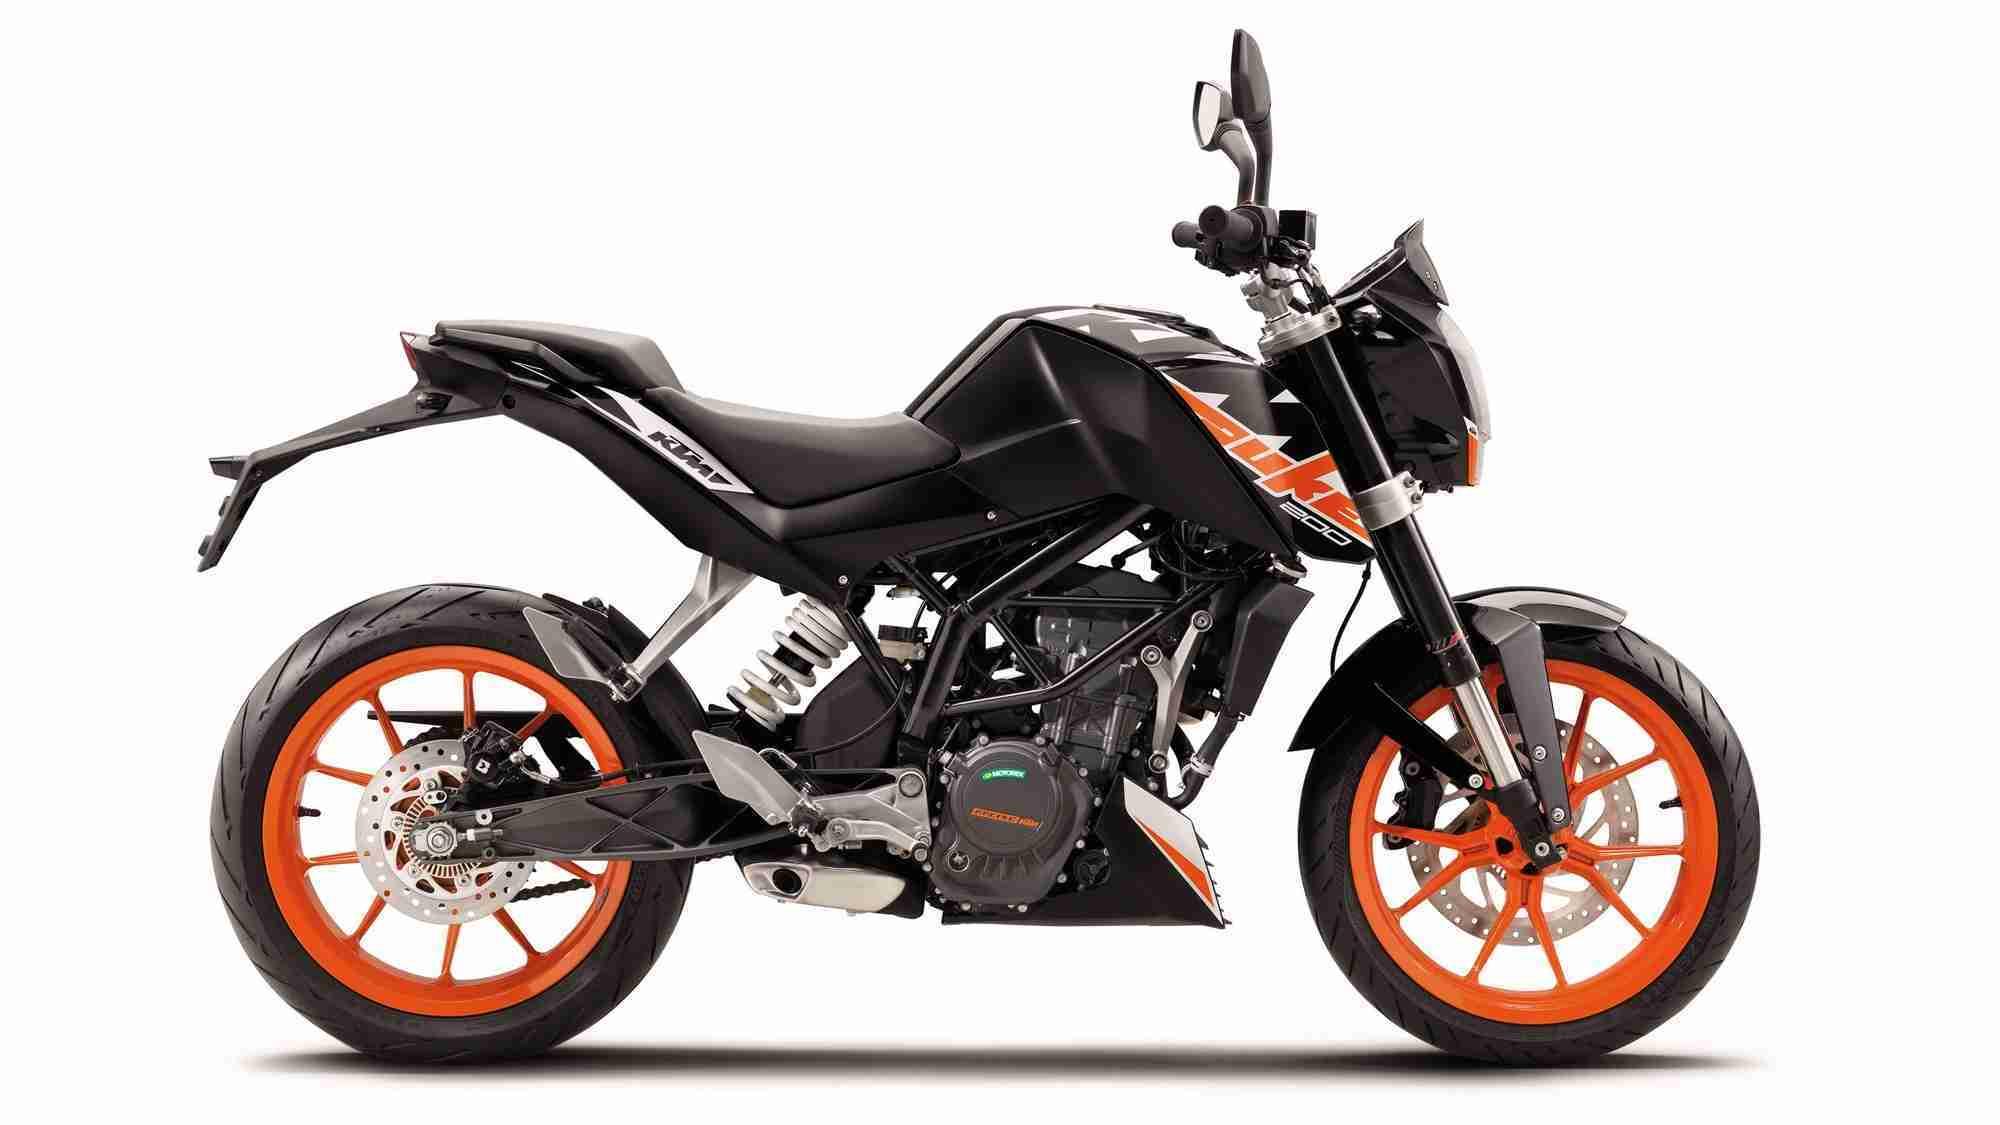 KTM 200 Duke ABS